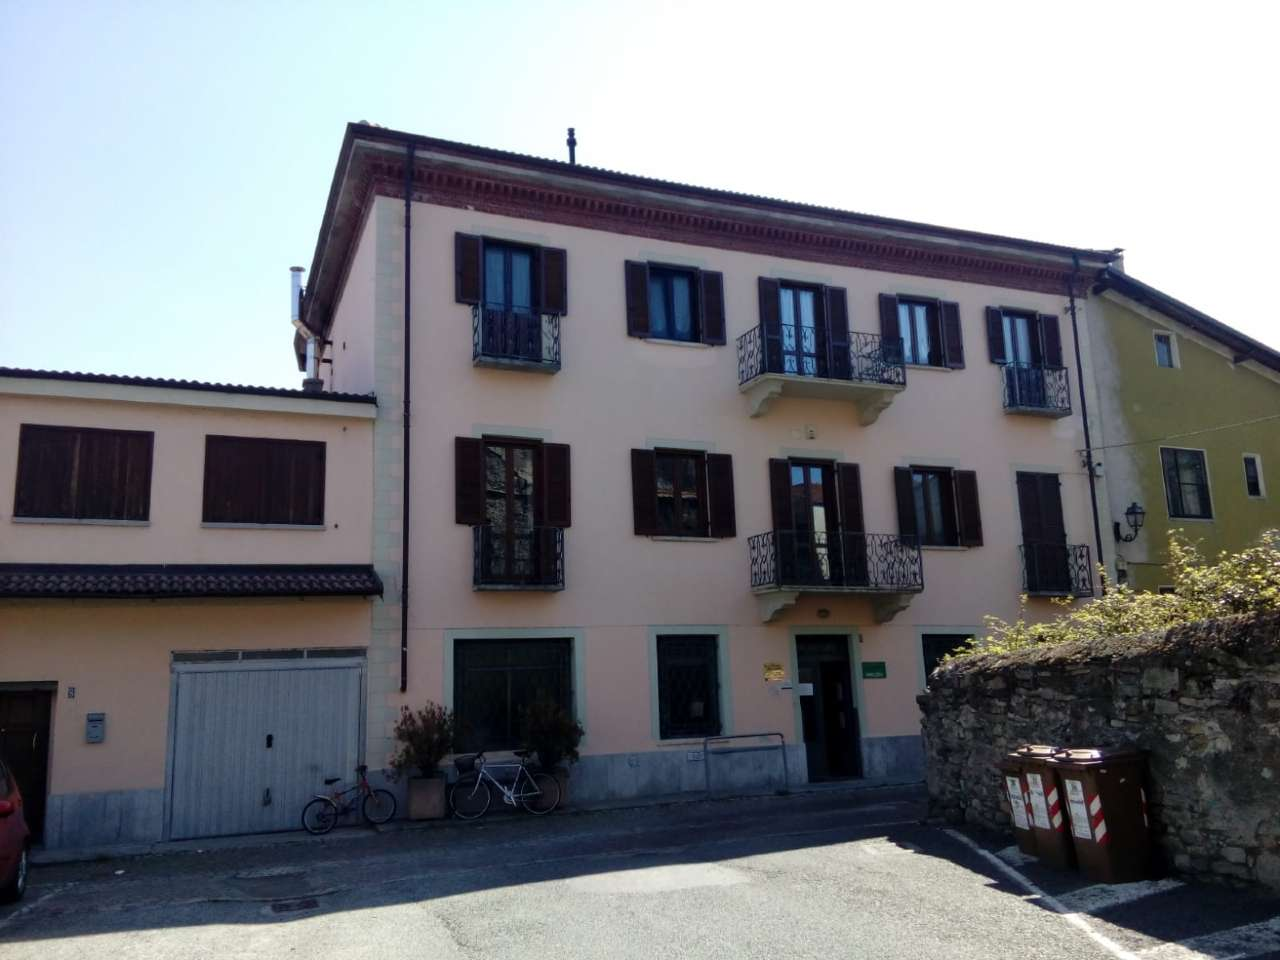 Ufficio / Studio in affitto a Bussoleno, 4 locali, prezzo € 580 | PortaleAgenzieImmobiliari.it